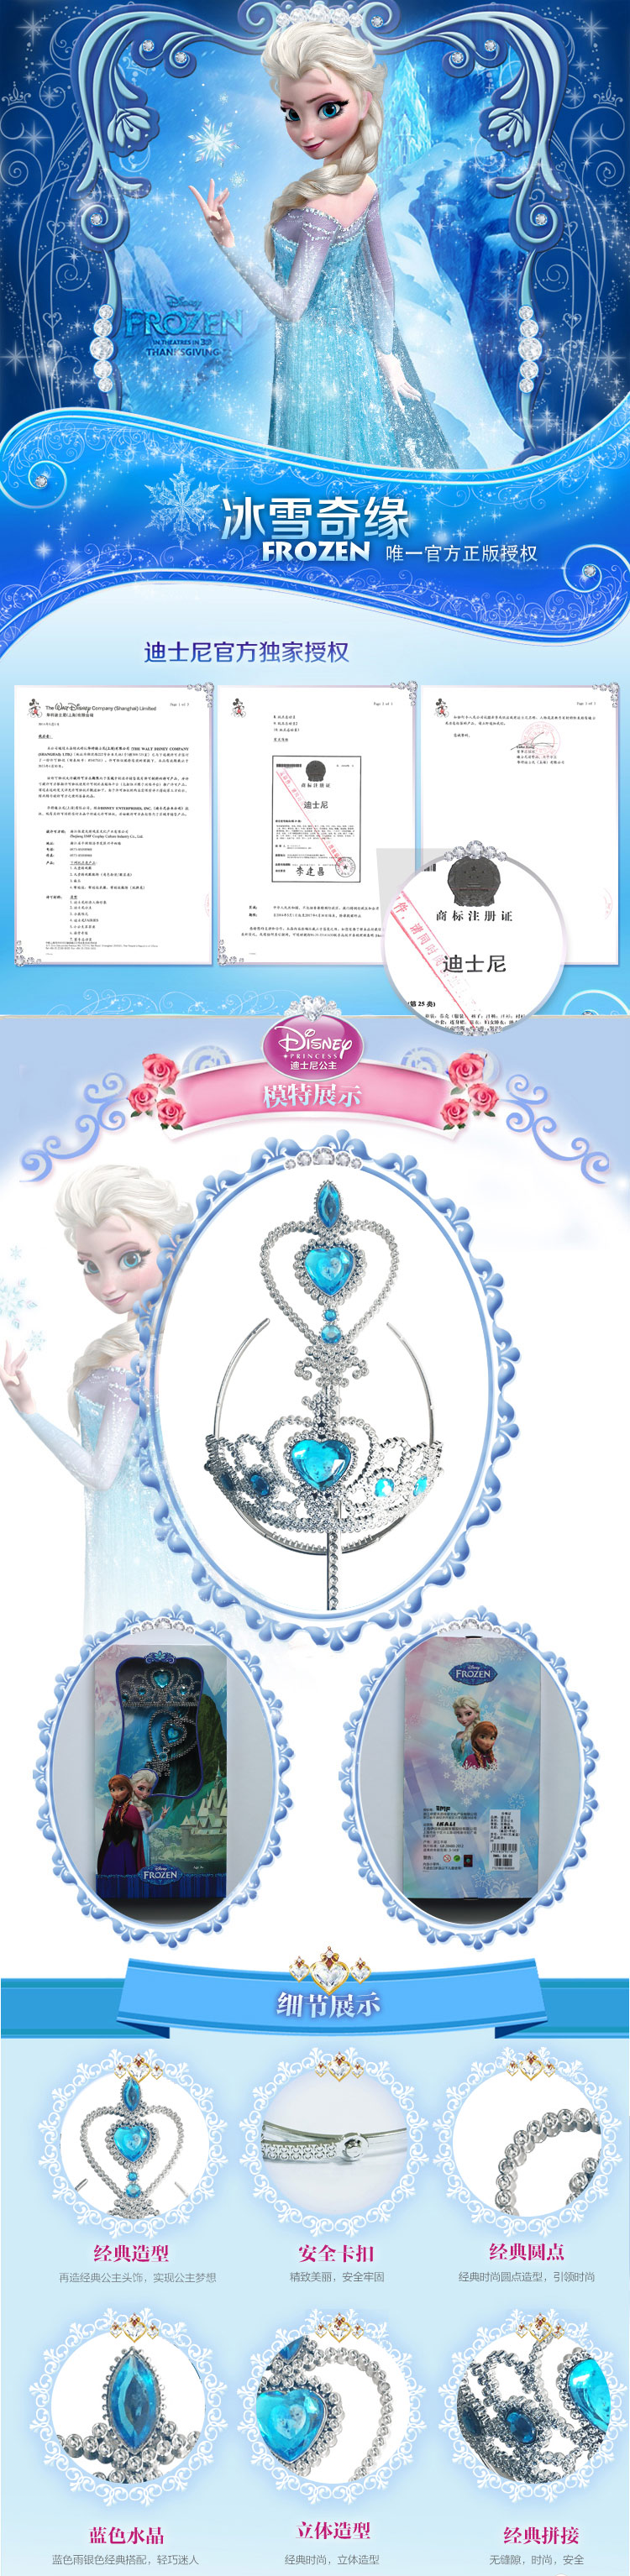 商品参数 detail 品牌名称: 迪士尼 商品名称: 冰雪奇缘艾莎公主皇冠